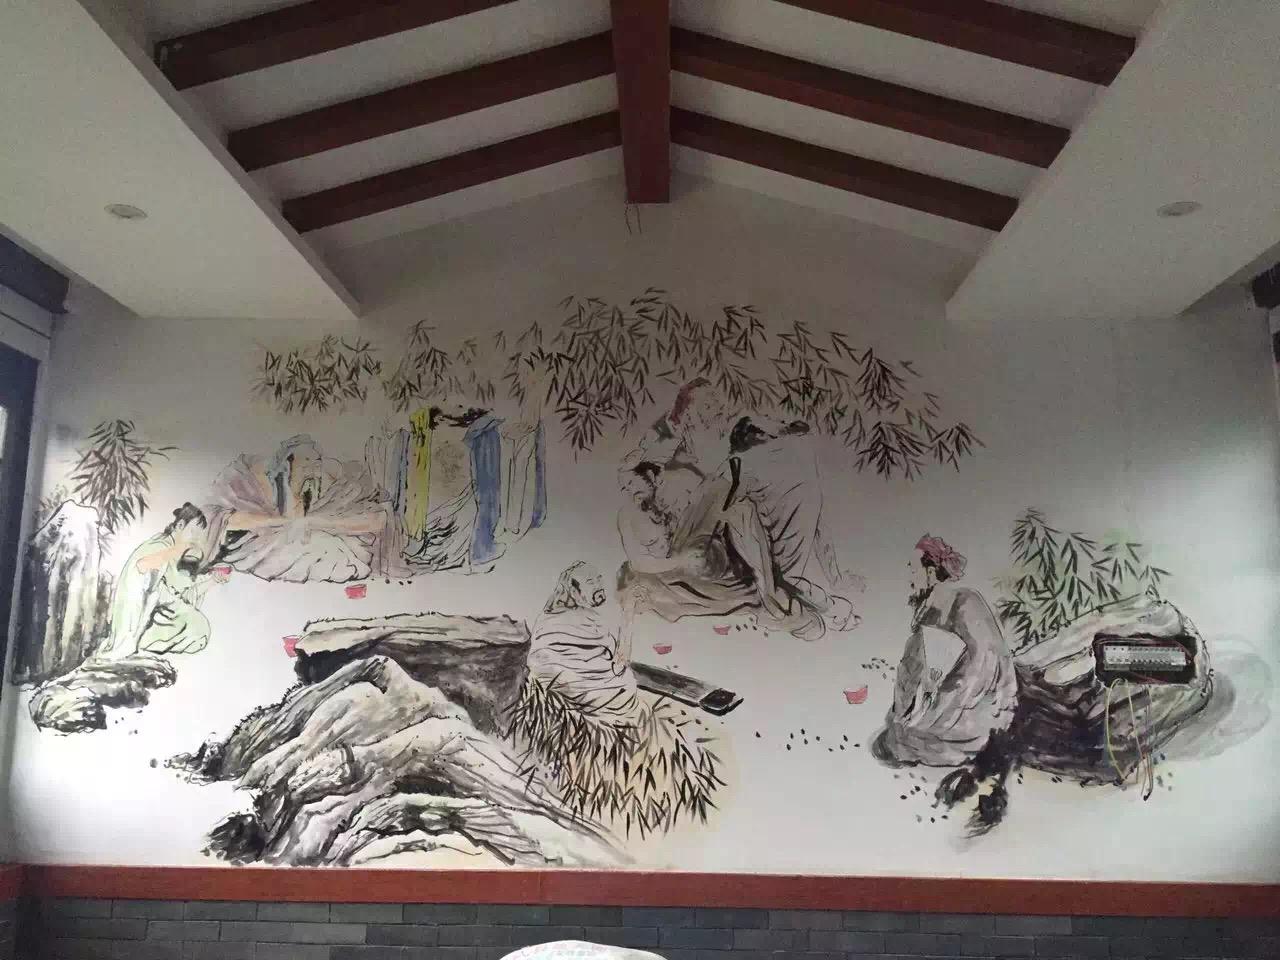 一些饭店常用手绘壁画作品欣赏!